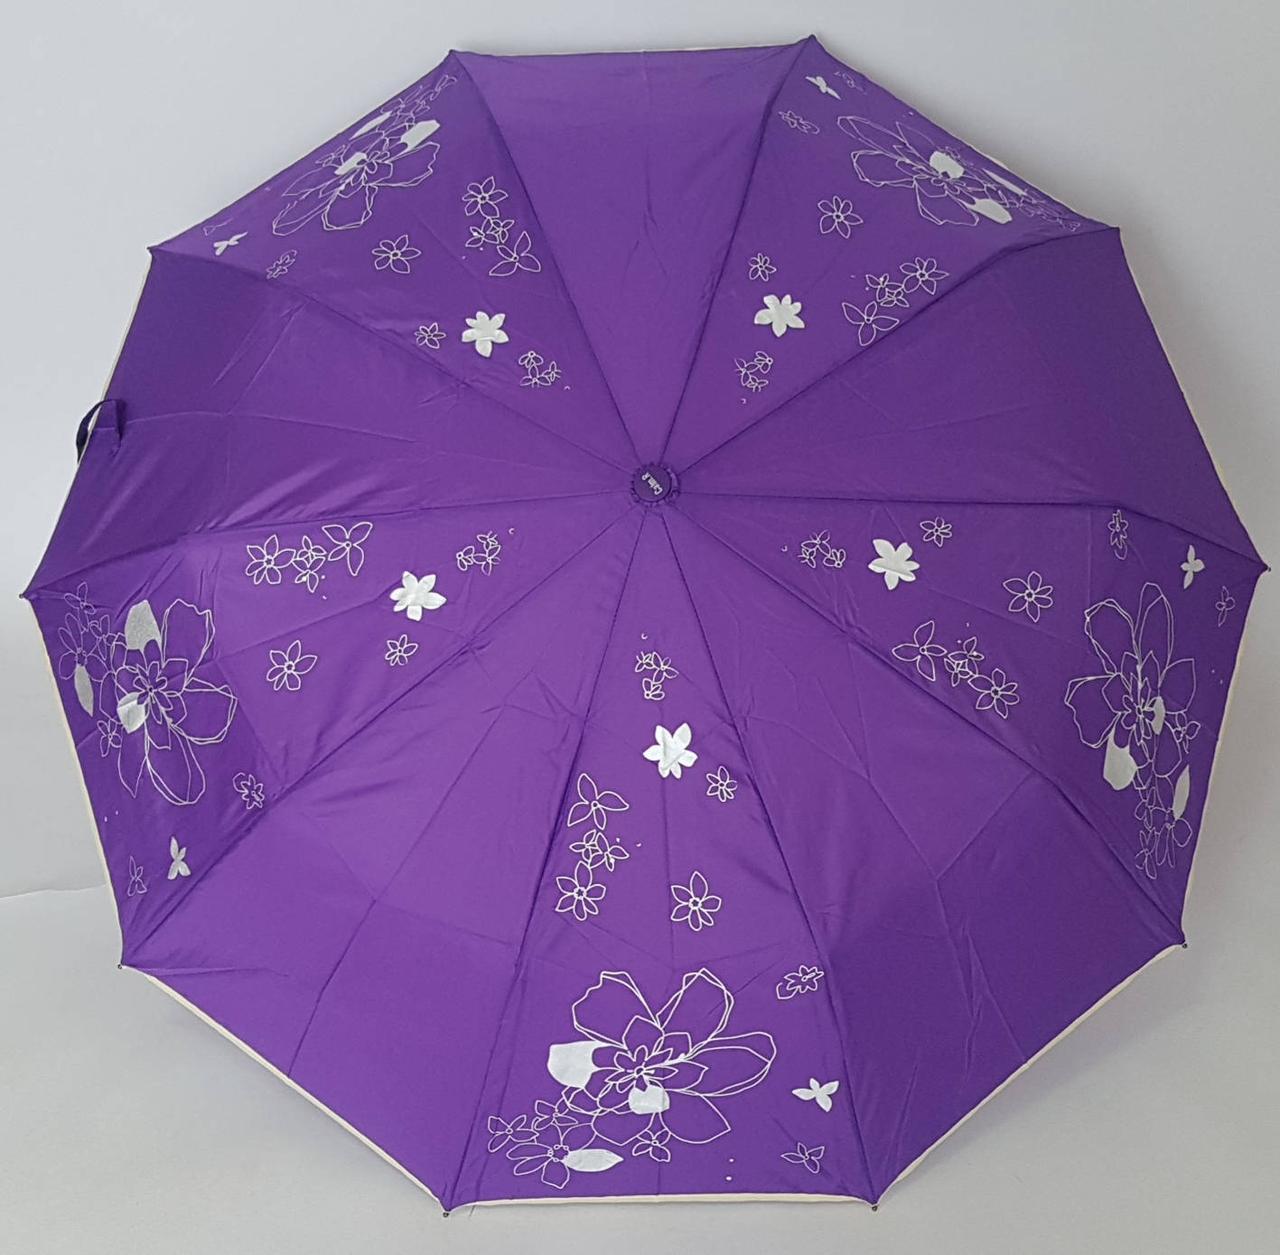 Женский яркий зонтик с карбоновыми спицами в расцветках